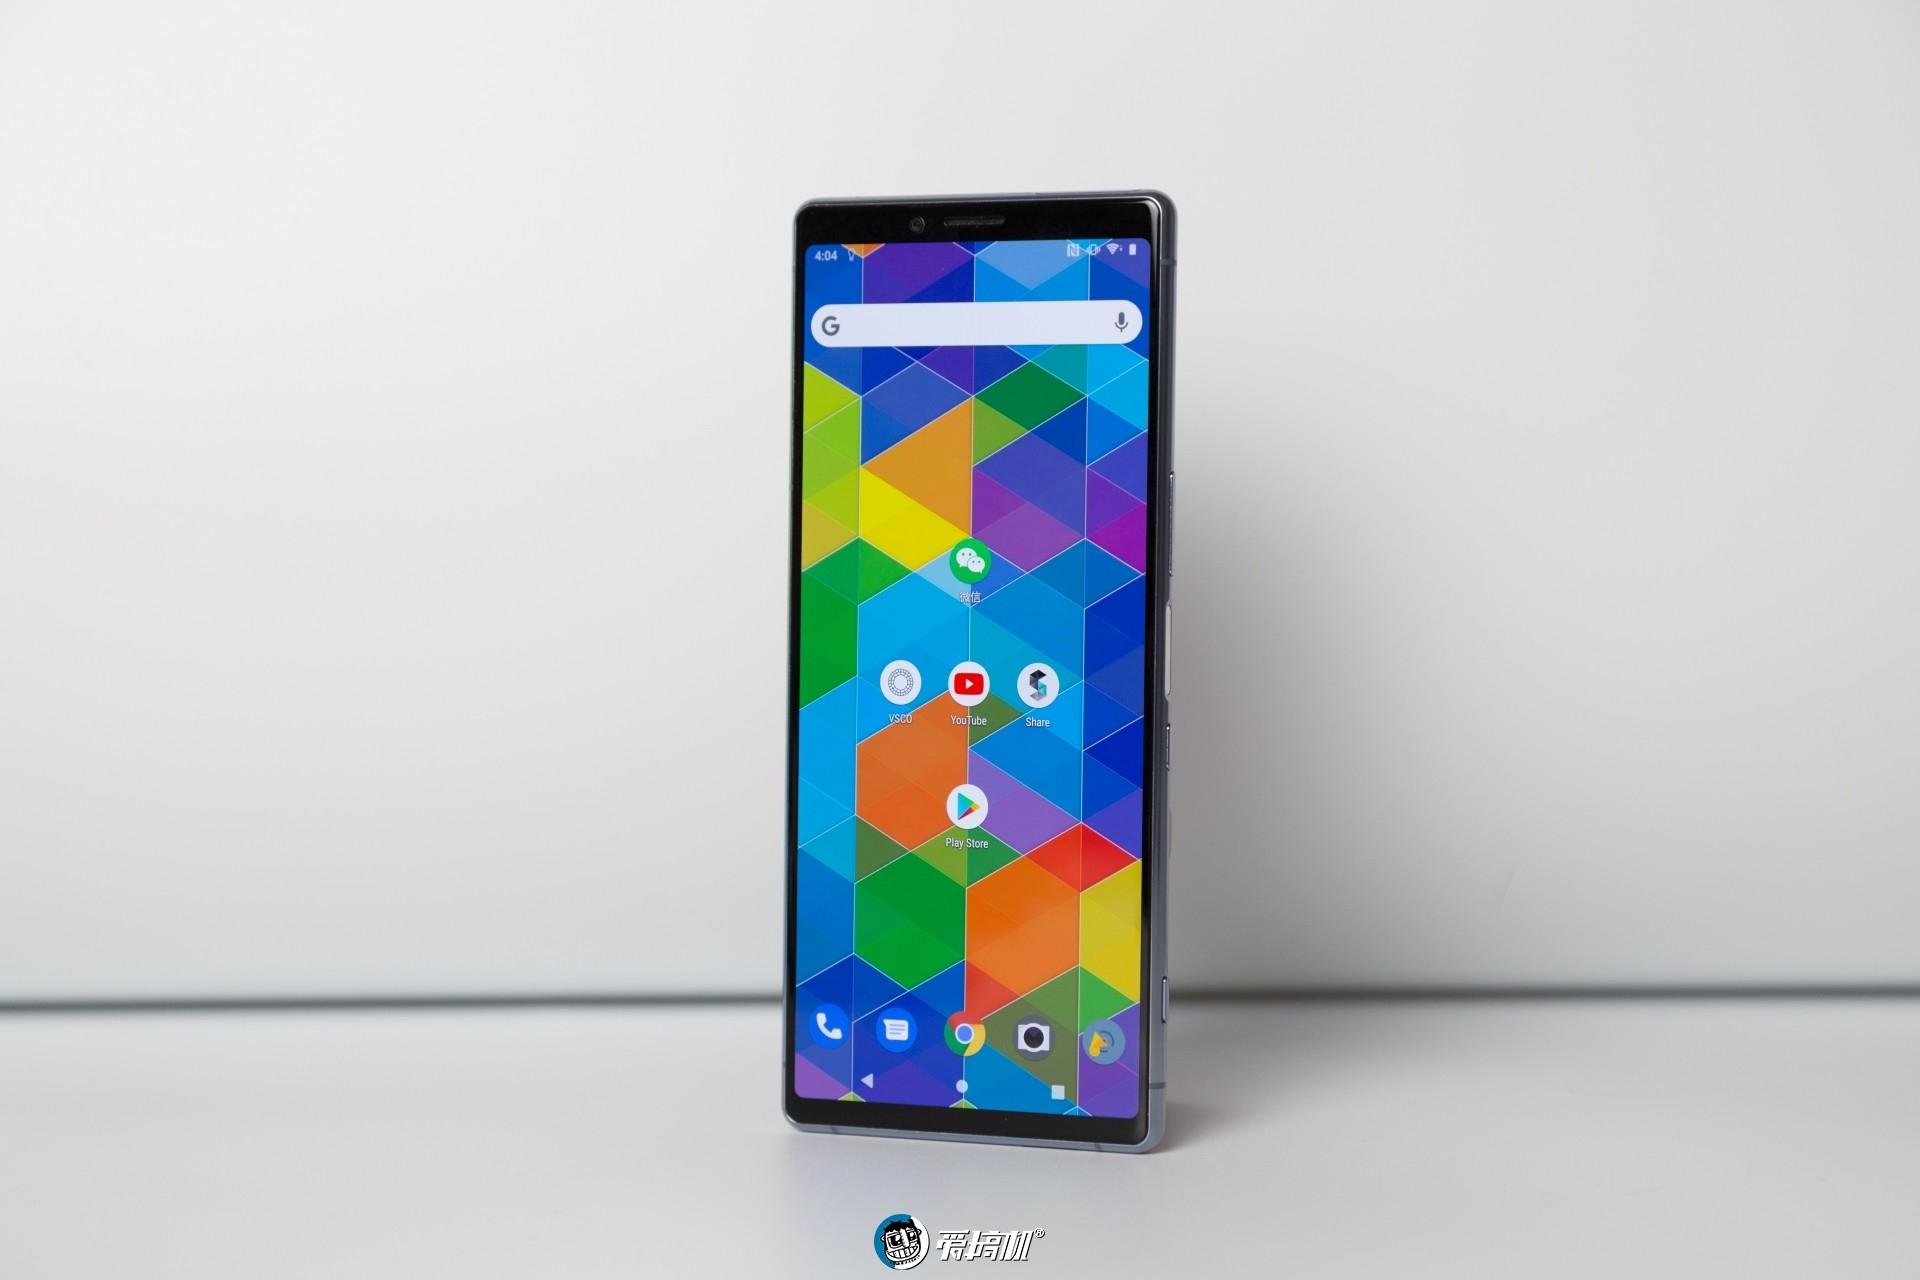 索尼明年推出8款5G手機,Xperia0是超高端旗艦,后置六攝